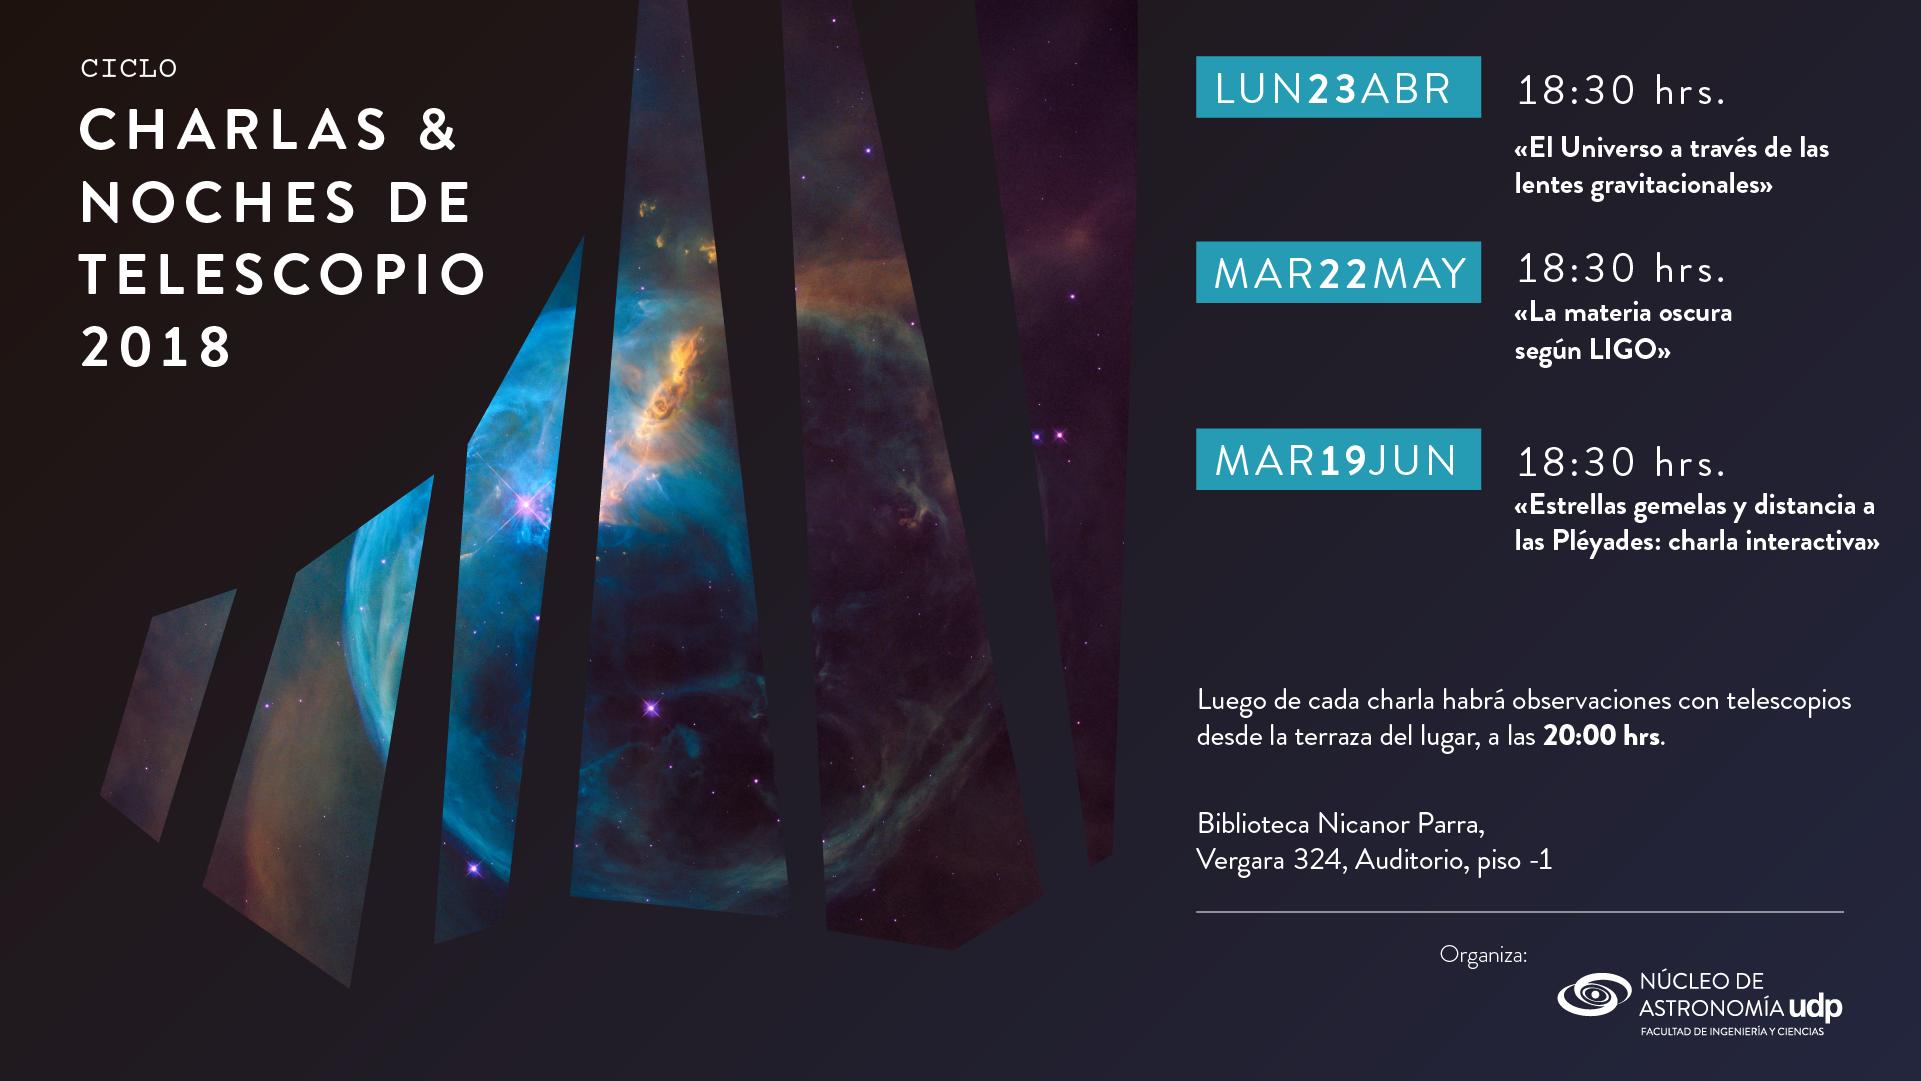 El Núcleo de Astronomía UDP te invita a sus Ciclos de Charlas y Noches de Telescopio 2018